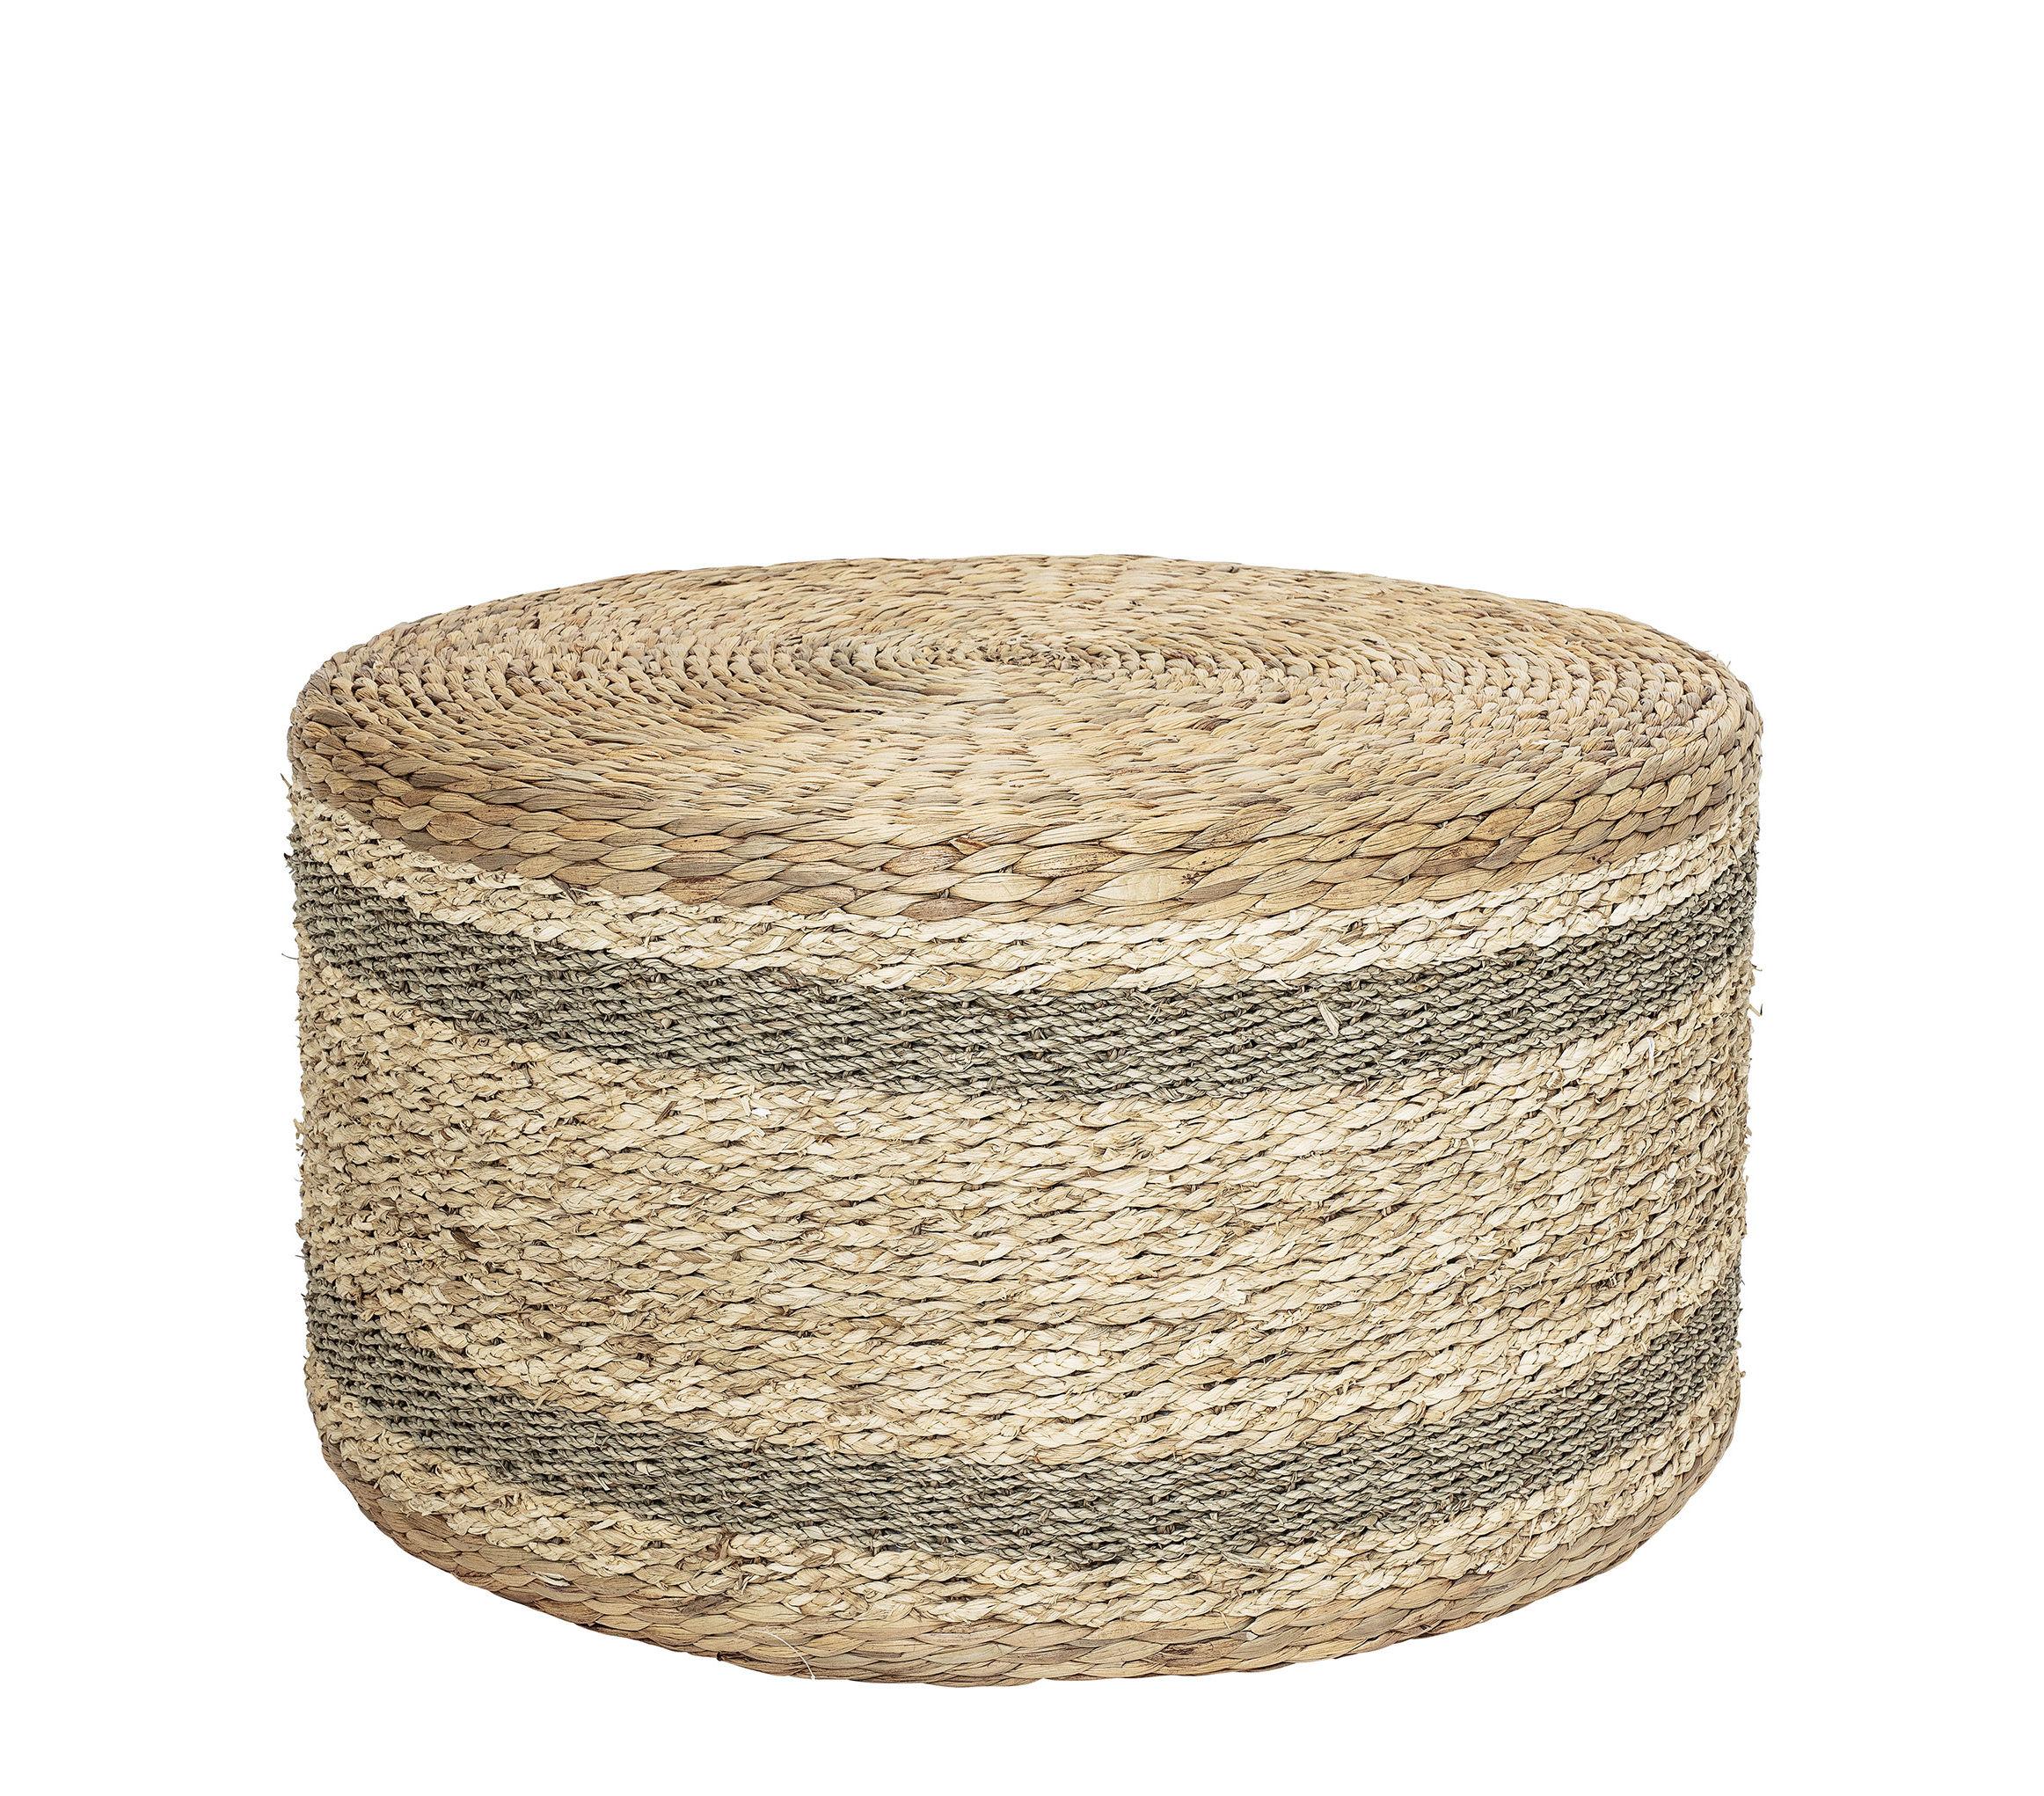 Möbel - Sitzkissen - Rota Sitzkissen / Wasserhyazinthe - Ø 75 cm x H 40 cm - Bloomingville - Naturfaser - Wasserhyazinthe